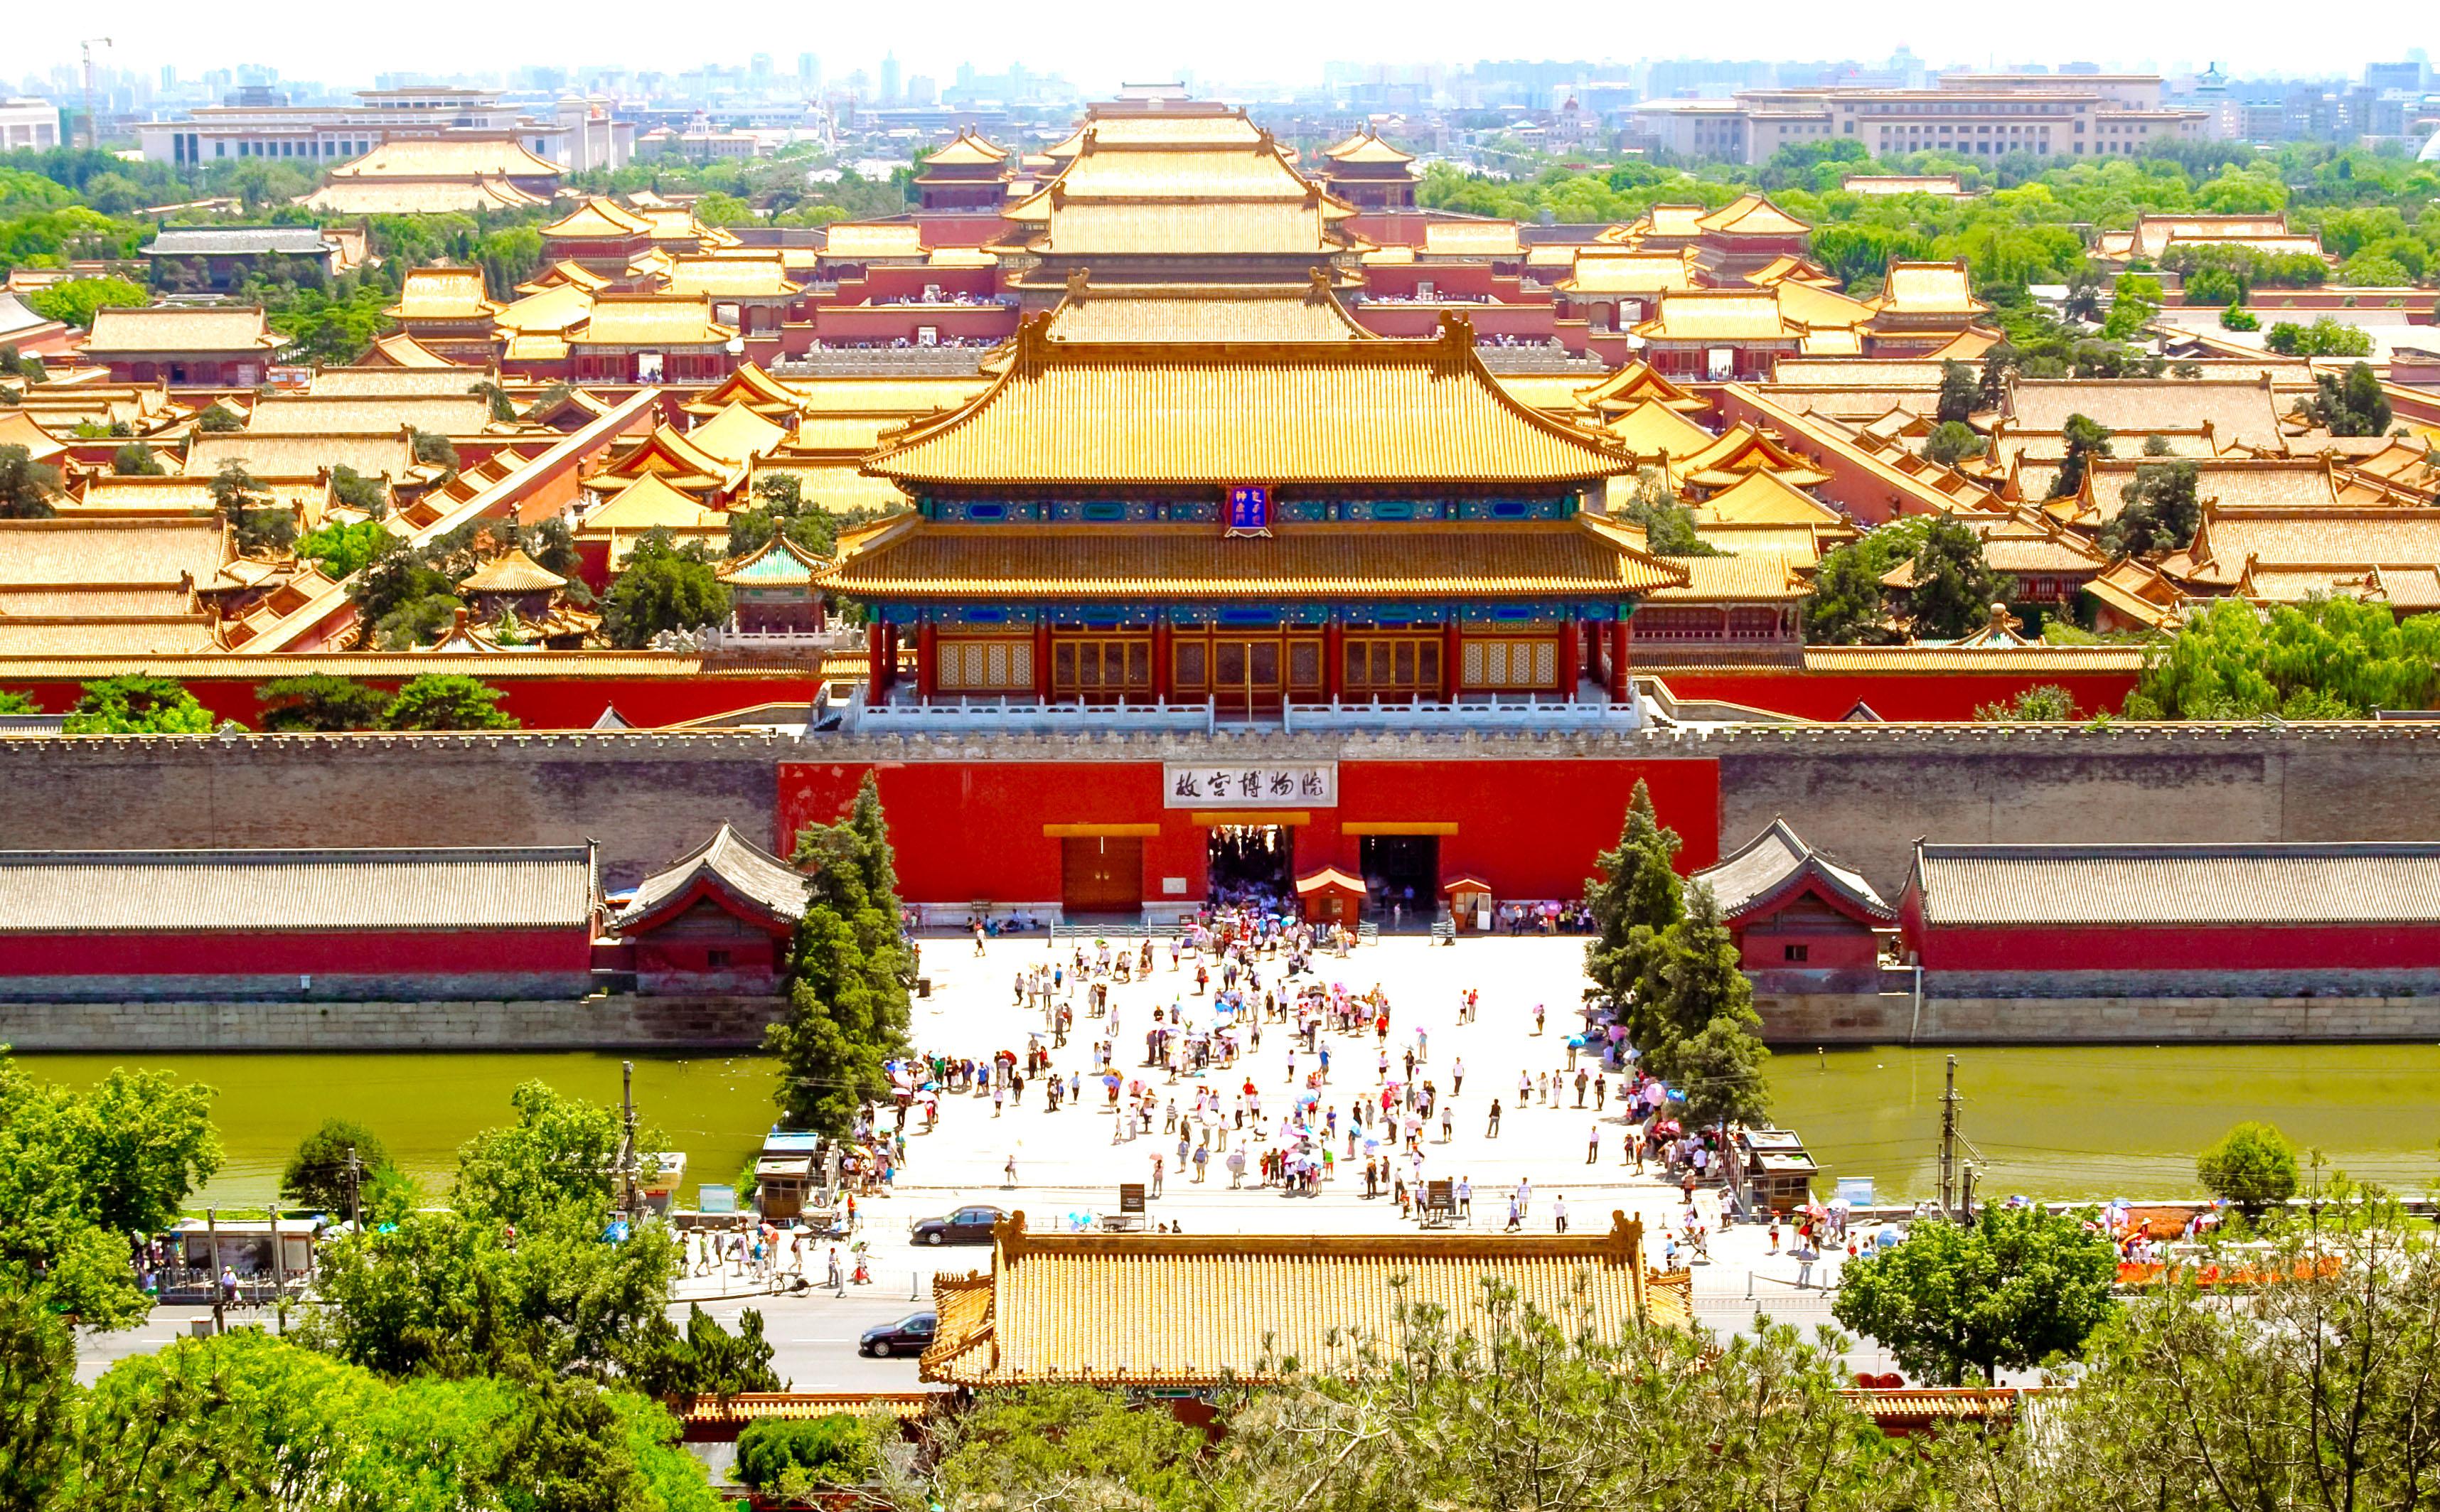 La Ciudad Prohibida de Beijing, una visita imprescindible - China Gran Viaje Lo mejor de China